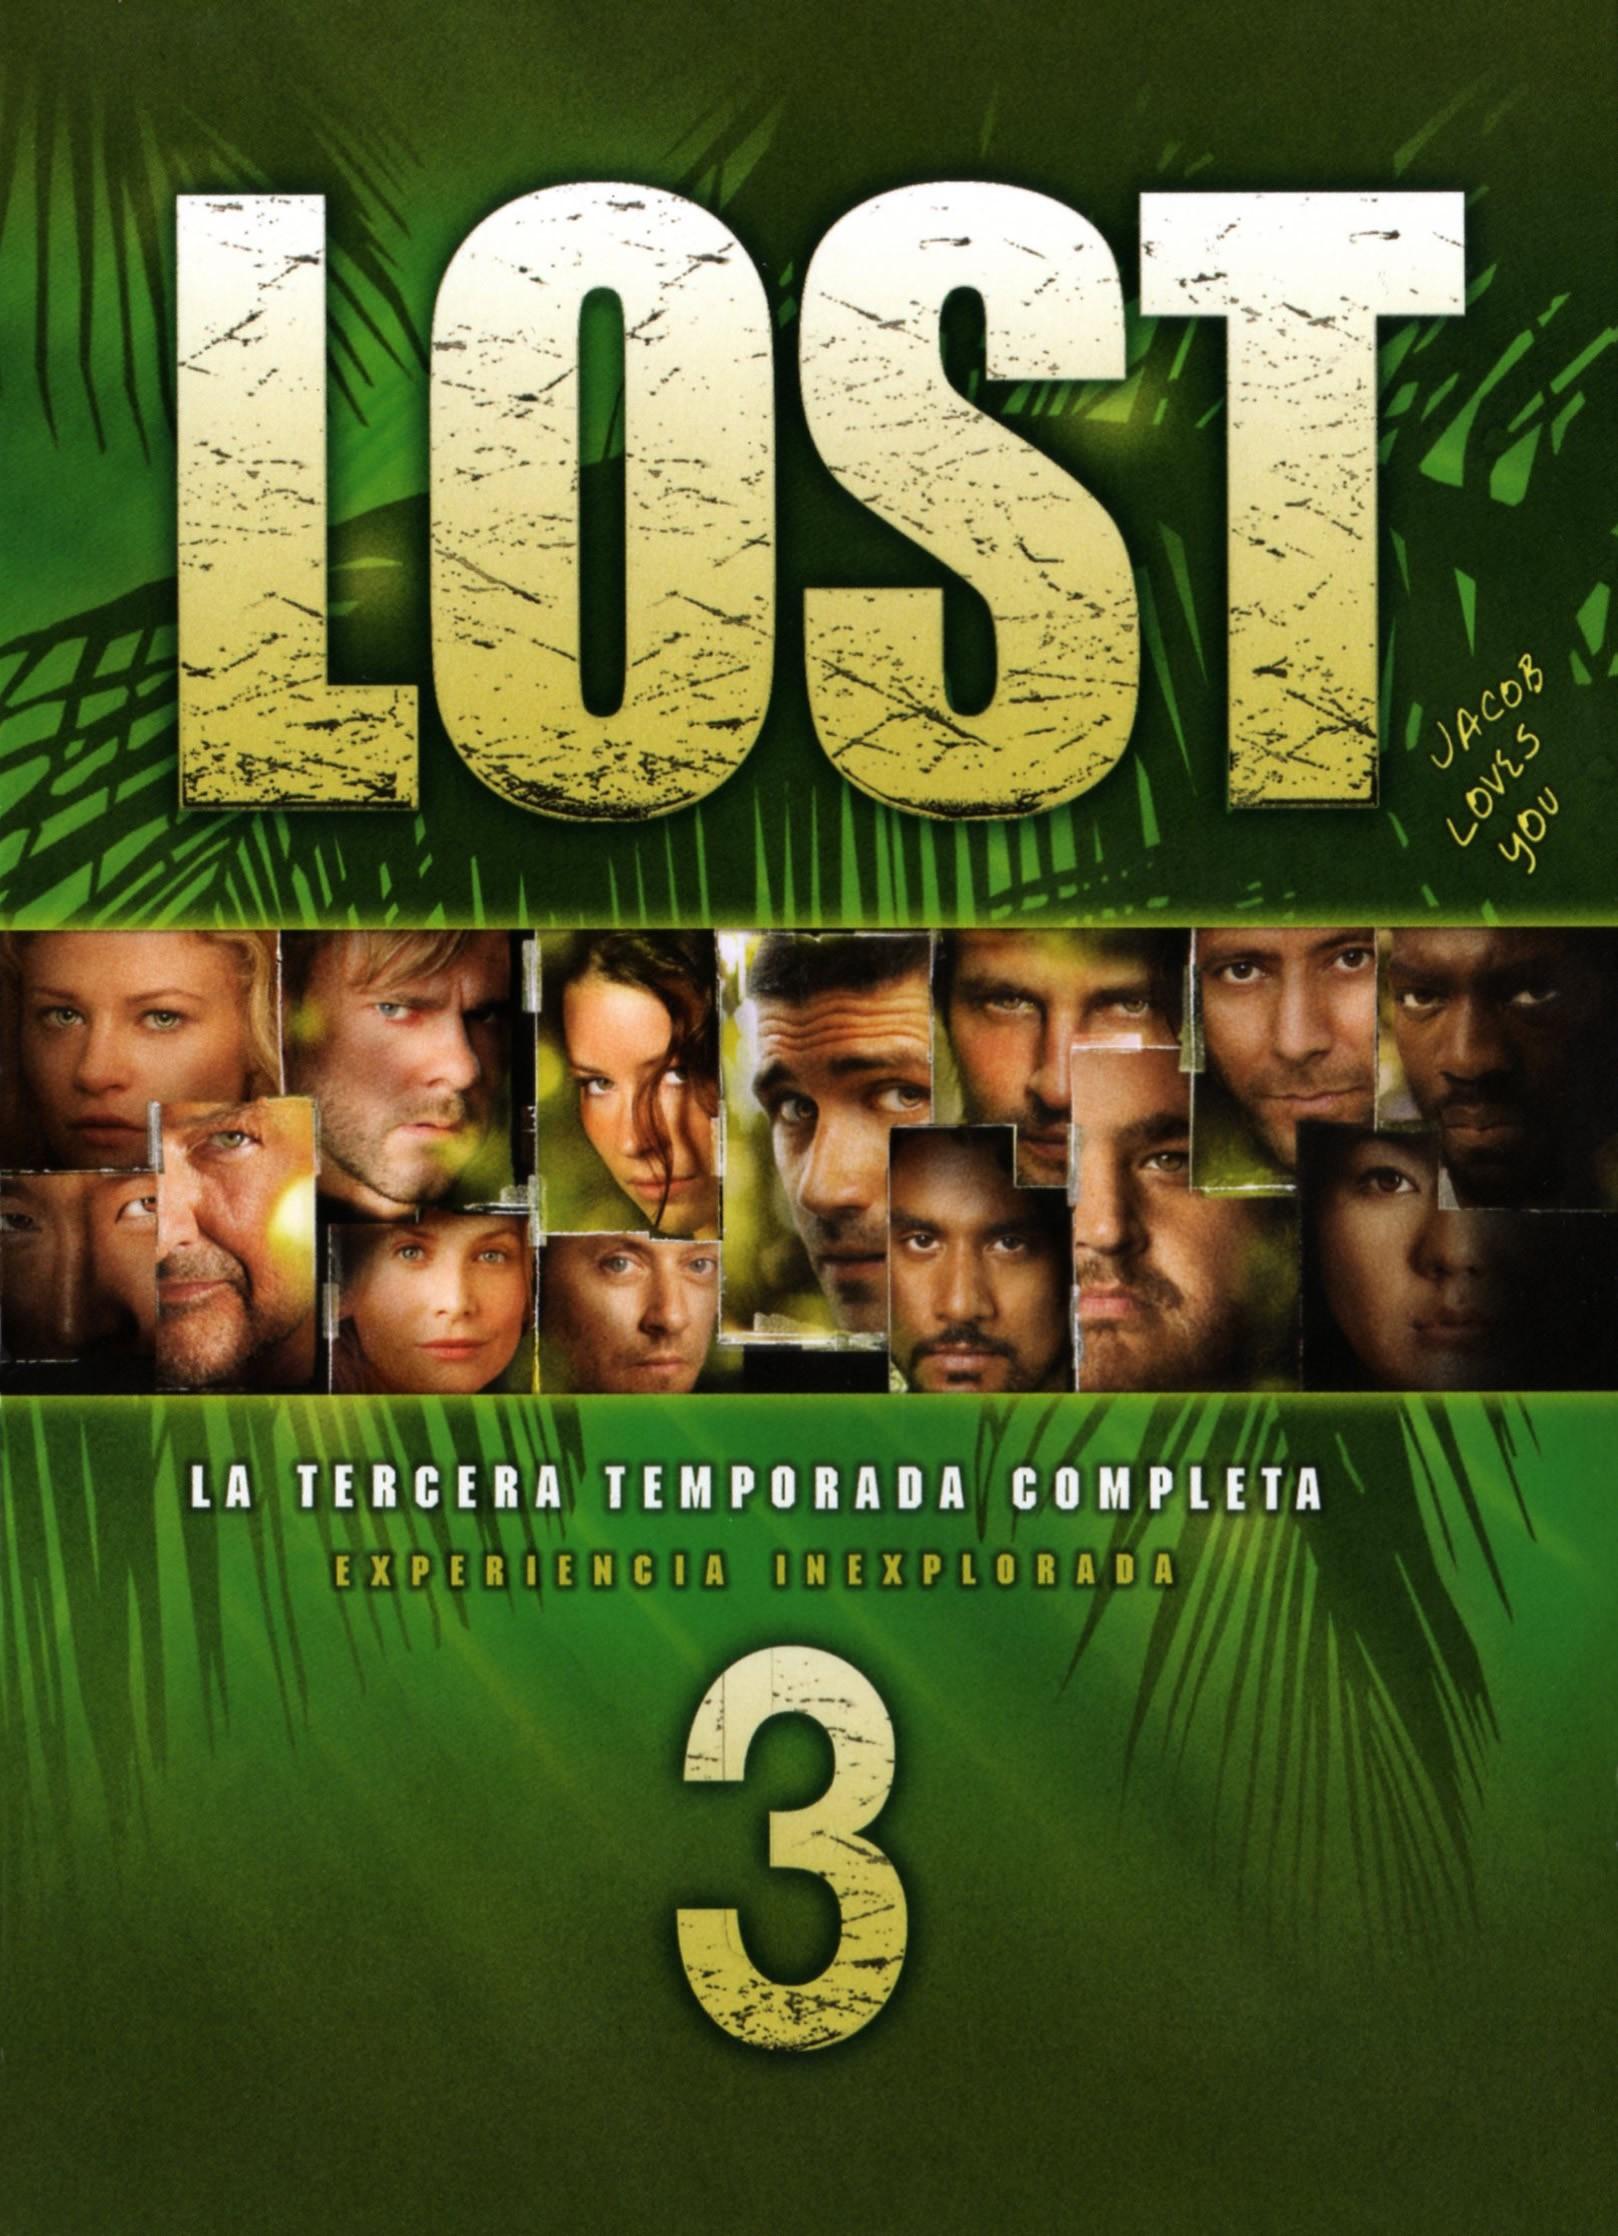 Lost: la tercera temporada completa (DVD, región 4) | ES - Lostpedia ...